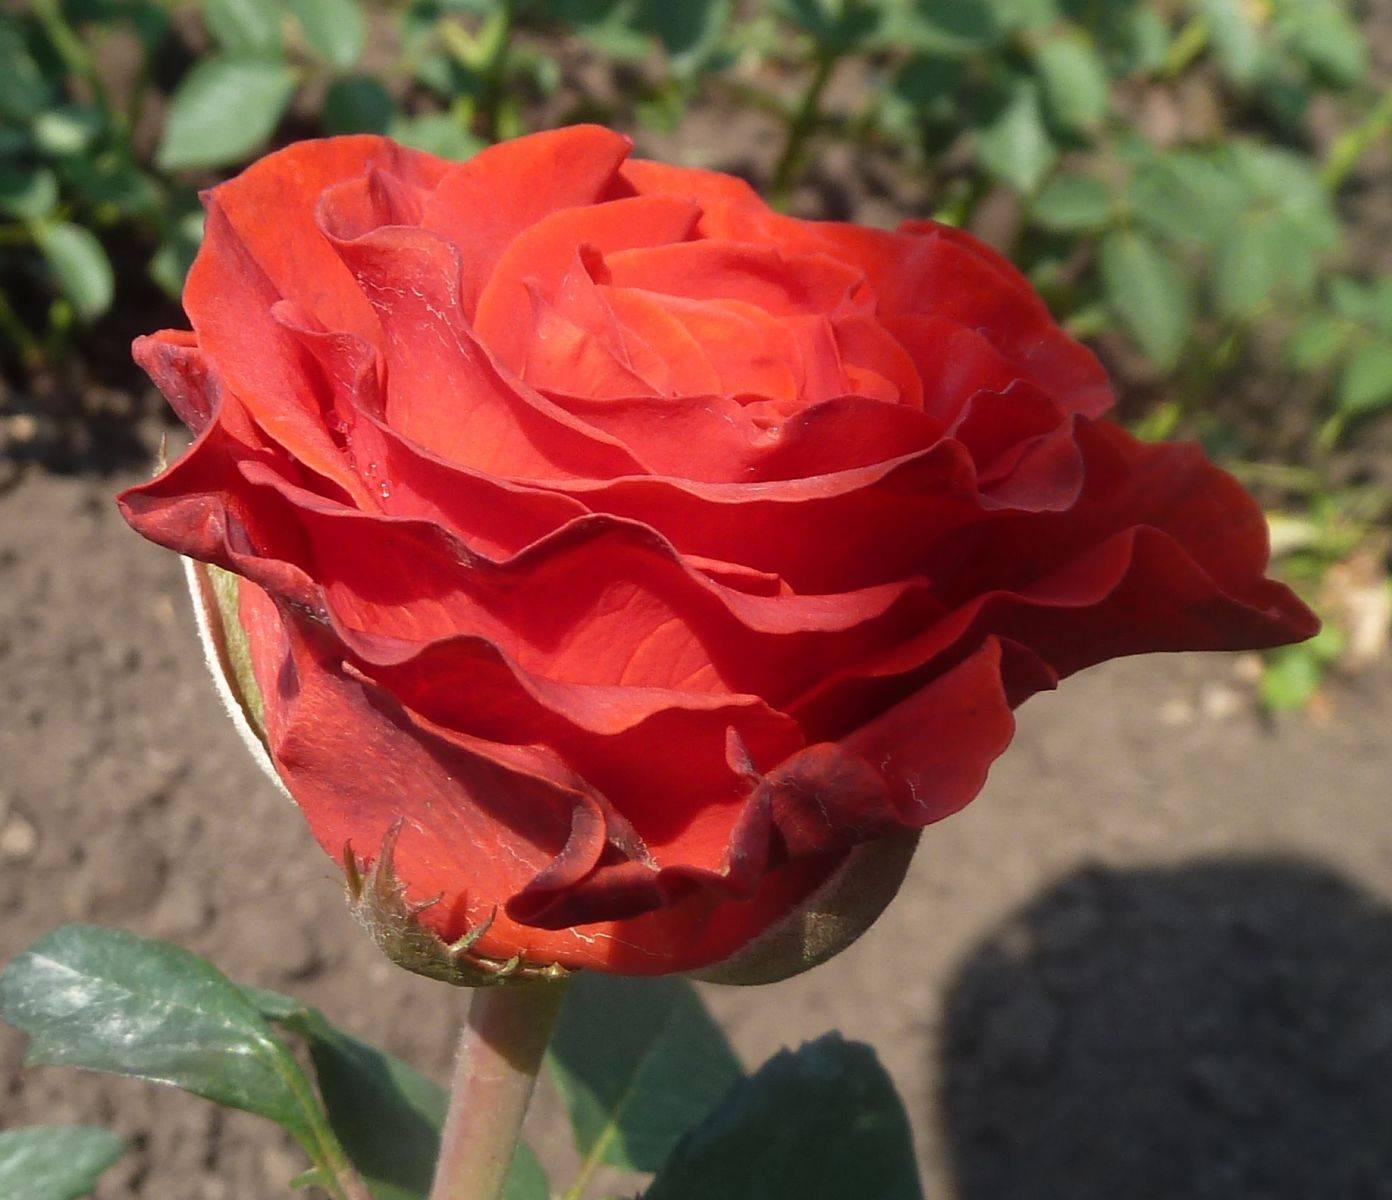 Эль торо роза описание. посадка и размножение роз эль торо. посадка и размножение роз эль торо